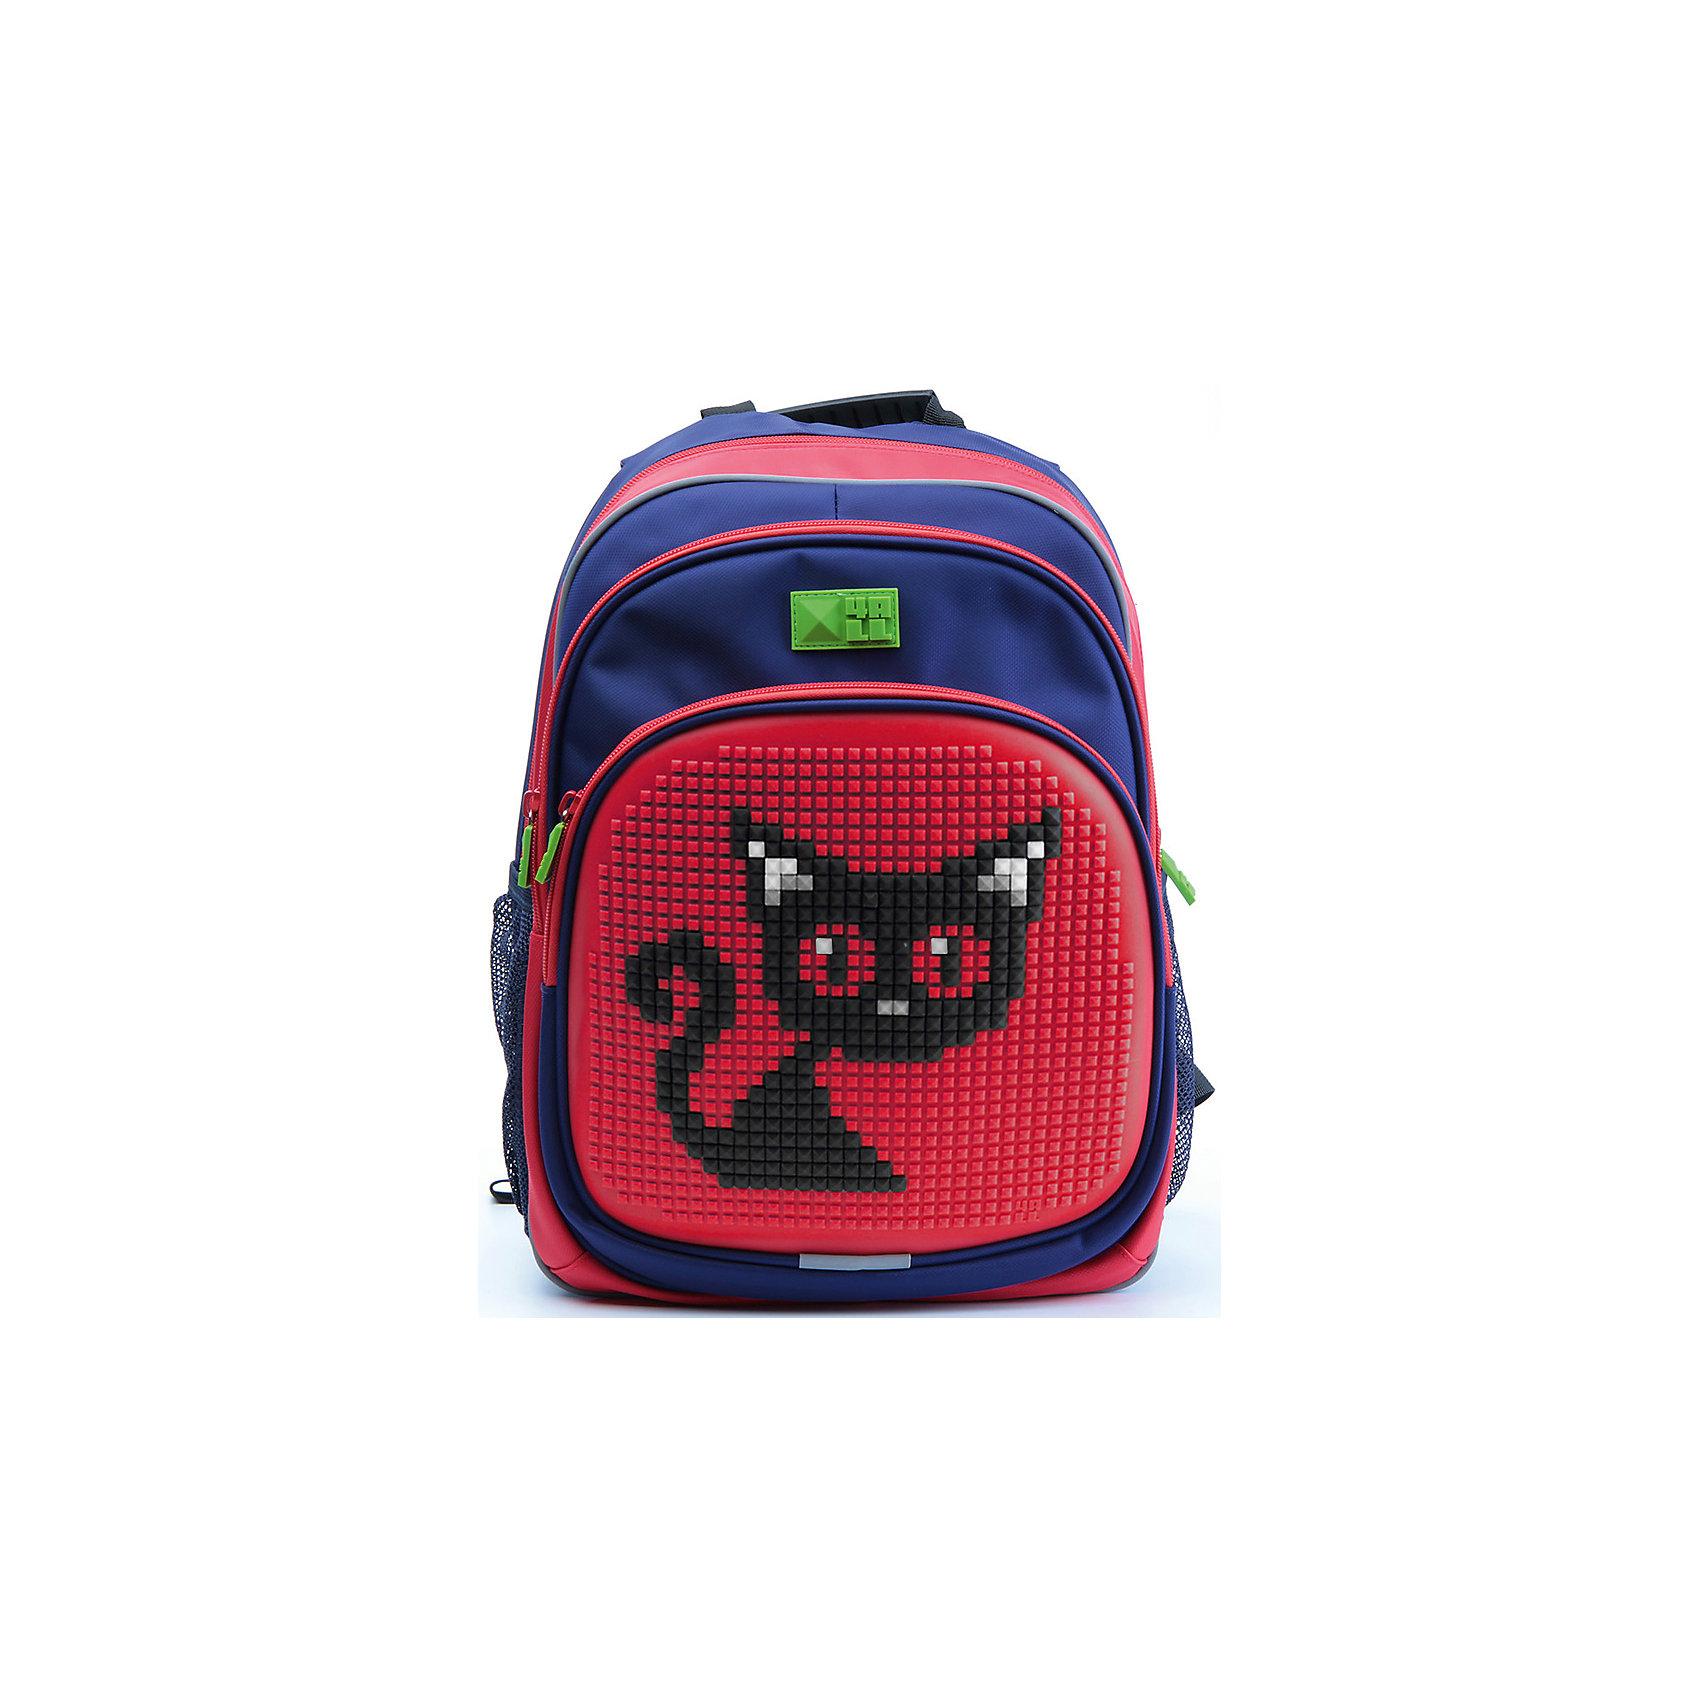 Рюкзак Kids, сине-красныйРюкзак KIDS - это одновременно и яркий, функциональный школьный аксессуар, и безграничная площадка для самовыражения, способная подчеркнуть любой выбранный образ. С помощью уникальной силиконовой панели и набора пластиковых пикселей-битов можно декорировать фасад рюкзака, как угодно, полагаясь на свое воображение и вкус. А все материалы, задействованные при изготовлении, имеют специальную вода- и грязеотталкивающую пропитку, что гарантирует практичность, износостойкость и долговечность рюкзака.<br><br>Такой современный и интересный ранец будет прекрасным подарком к 1 сентября!<br><br>Особенности:<br>AIR COMFORT system:<br>- Система свободной циркуляции воздуха между задней стенкой рюкзака и спиной ребенка.<br>- Совместно с ортопедической спиной ERGO system эта система воздухообмена делает ежедневное использование рюкзаков KIDS безопасным для здоровья и максимально комфортным!<br>ERGO system:<br>- Разработанная нами система ERGO служит равномерному распределению нагрузки на спину ребенка. Она способна сделать рюкзак, наполненный учебниками, легким. ERGO служит сохранению правильной осанки и заботится о здоровье позвоночника!<br>Ортопедическая спина:<br>- Важное свойство наших рюкзаков - ортопедическая спина! Способна как корсет поддерживать позвоночник, правильно распределяя нагрузку, а так же обеспечивает циркуляцию воздуха между задней стенкой рюкзака и спиной ребенка!<br>А также:<br>- Гипоаллергенный силикон;<br>- Водоотталкивающие материалы;<br>- Устойчивость всех материалов к температурам воздуха ниже 0!<br><br>Дополнительная информация:<br><br>- Рюкзак уже содержит 1 упаковку разноцветных пикселей-битов (300 шт.) для создания картинок<br>- Цвет: сине-красный;<br>- Объем рюкзака: 22 л.<br>- Размер в упаковке: 39х27х15 см.<br>- Вес в упаковке: 950 г.<br><br>Рюкзак Kids в  сине-красном цвете , можно купить в нашем магазине.<br><br>Ширина мм: 390<br>Глубина мм: 270<br>Высота мм: 150<br>Вес г: 950<br>Возраст от месяцев: 36<br>Возраст до меся